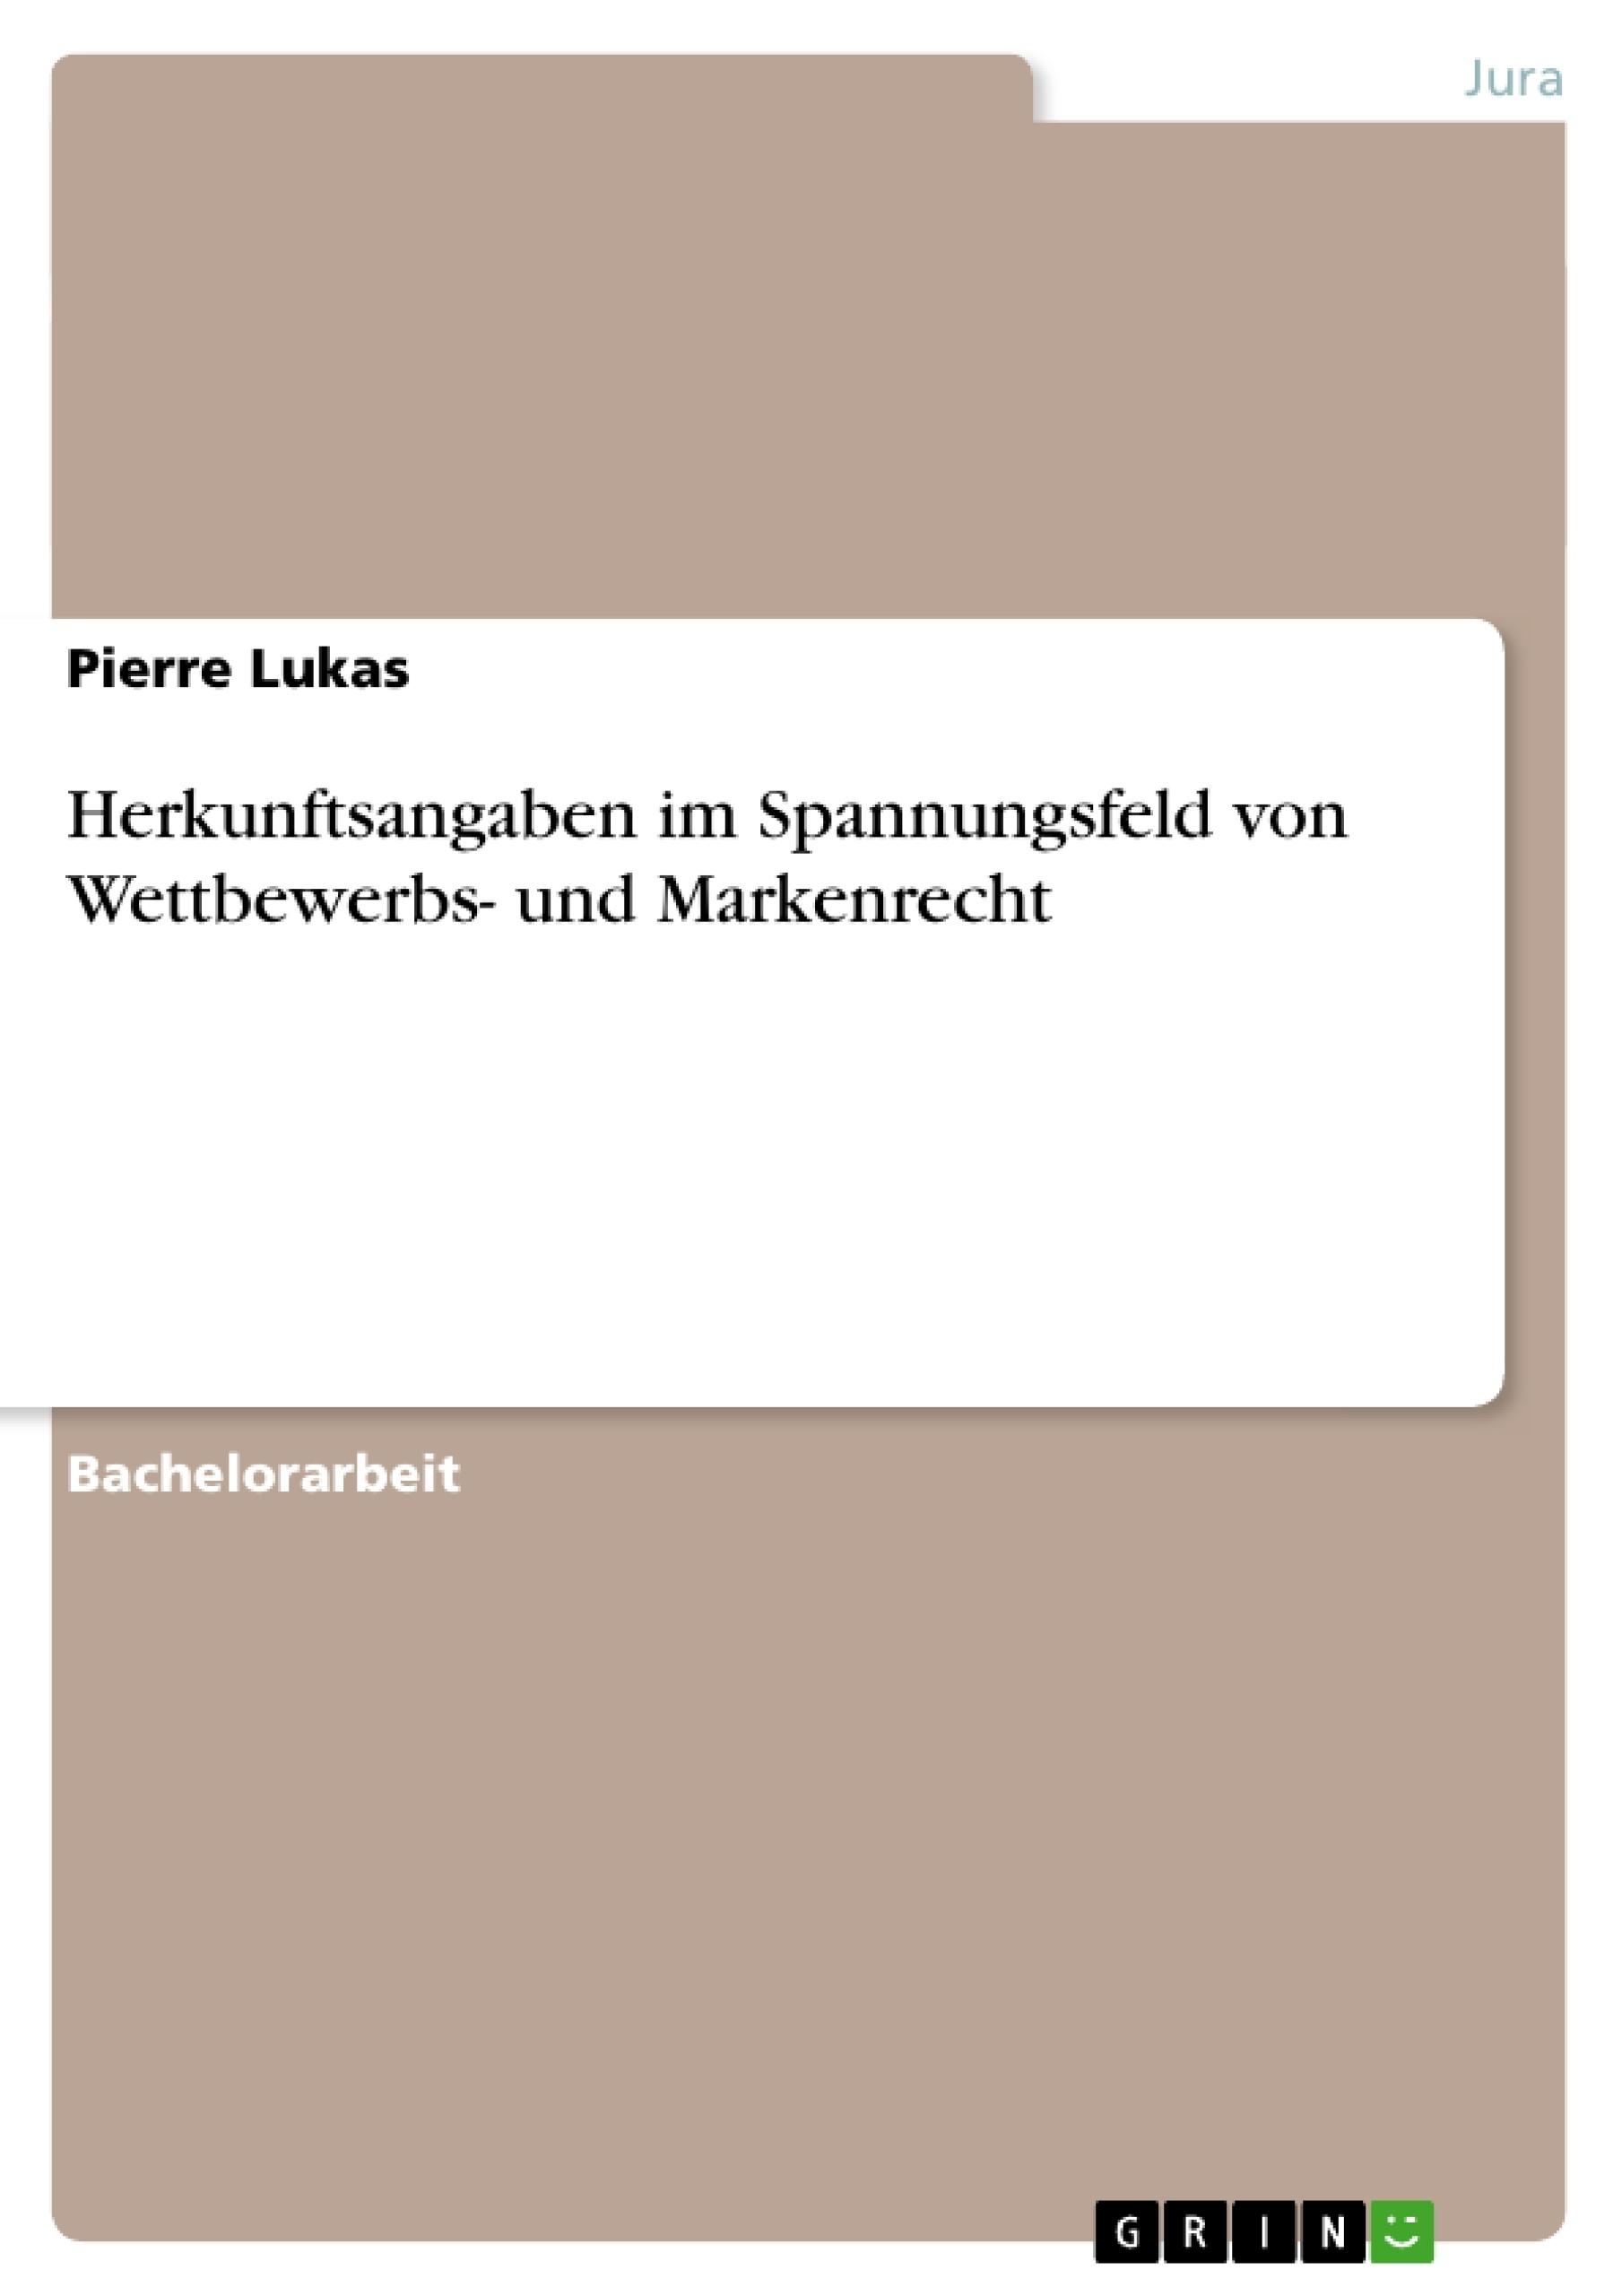 Titel: Herkunftsangaben im Spannungsfeld von Wettbewerbs- und Markenrecht